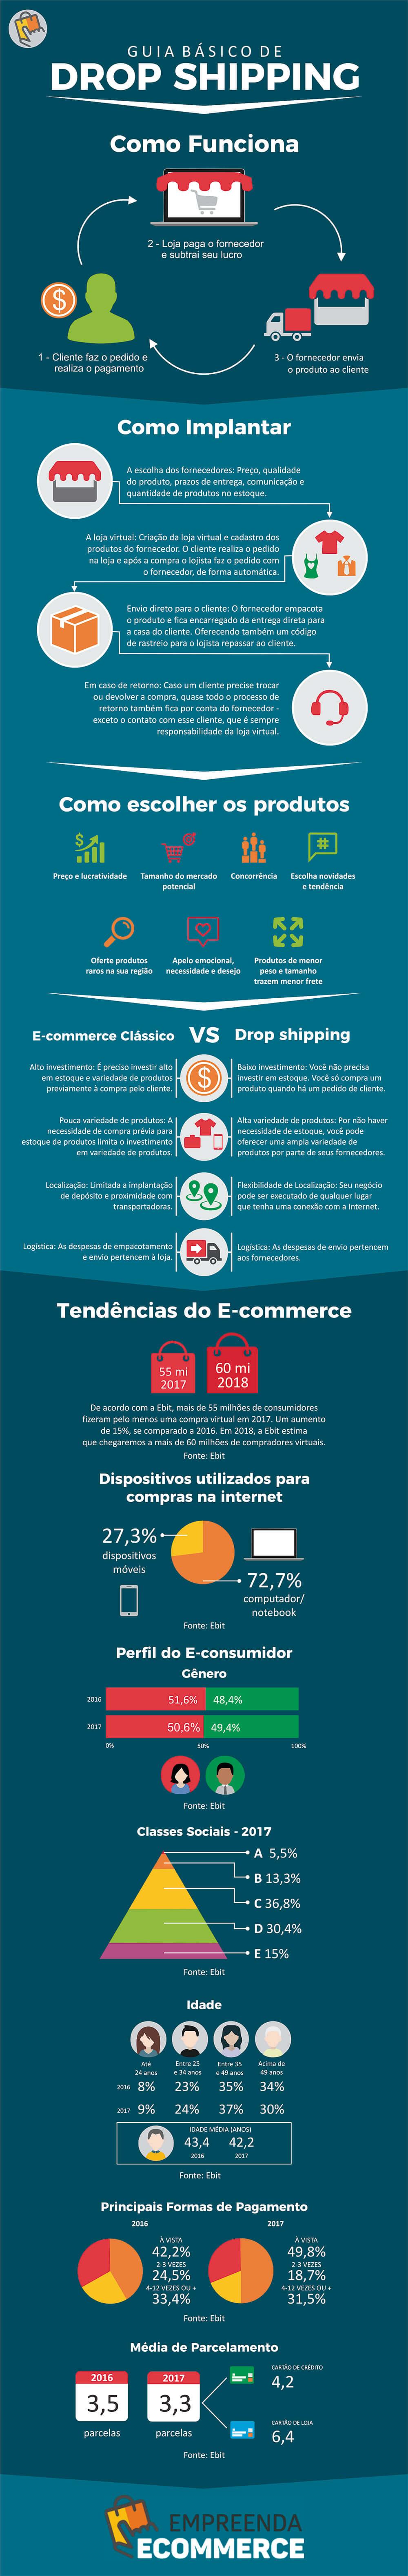 [Infográfico] Como Trabalhar de Casa e Ganhar Dinheiro com Drop Shipping